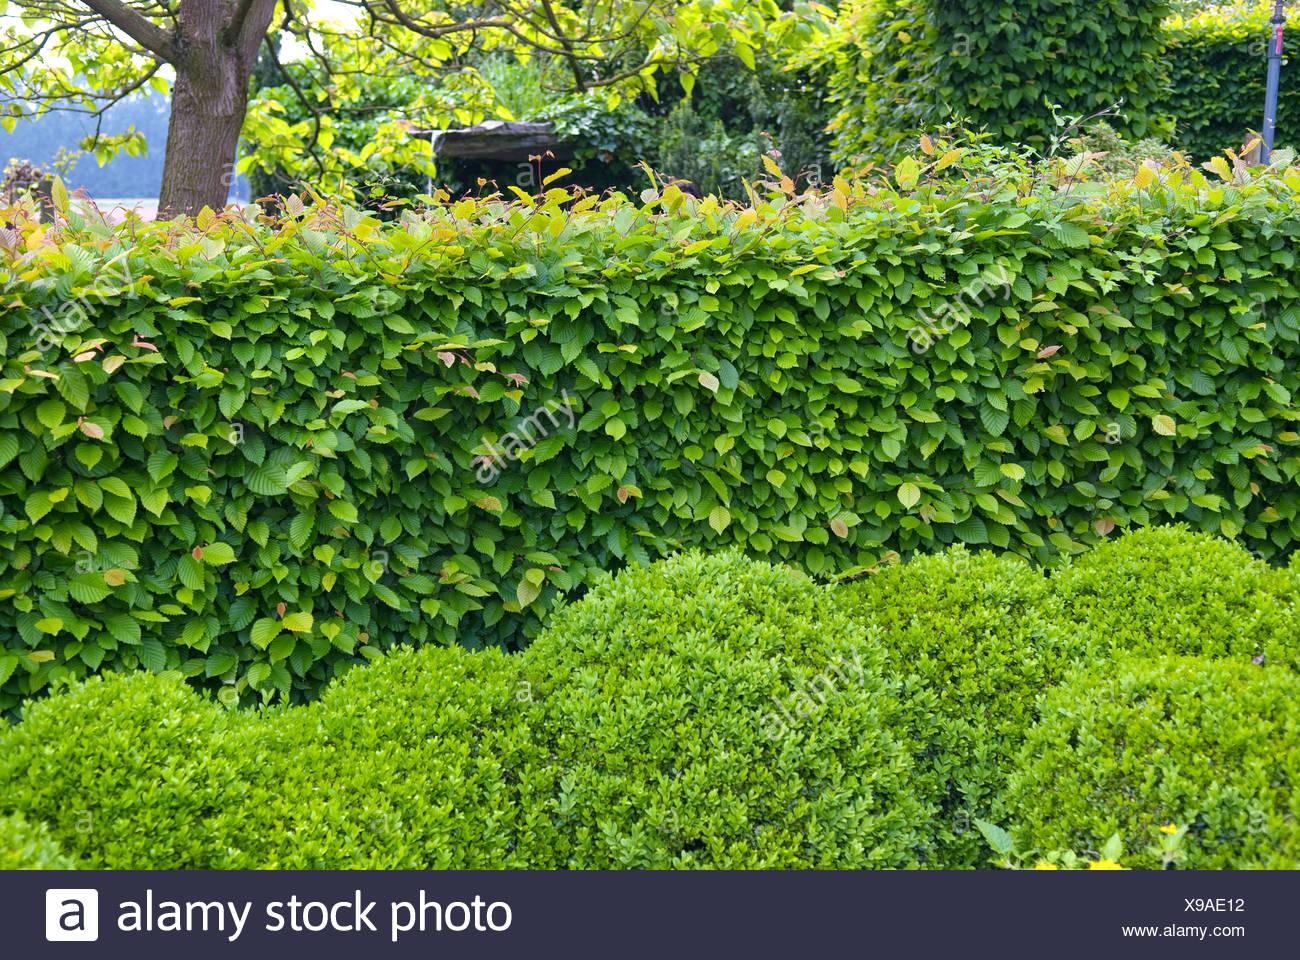 common hornbeam, European hornbeam (Carpinus betulus), hornbeam hedge with boxwoods , Netherlands - Stock Image